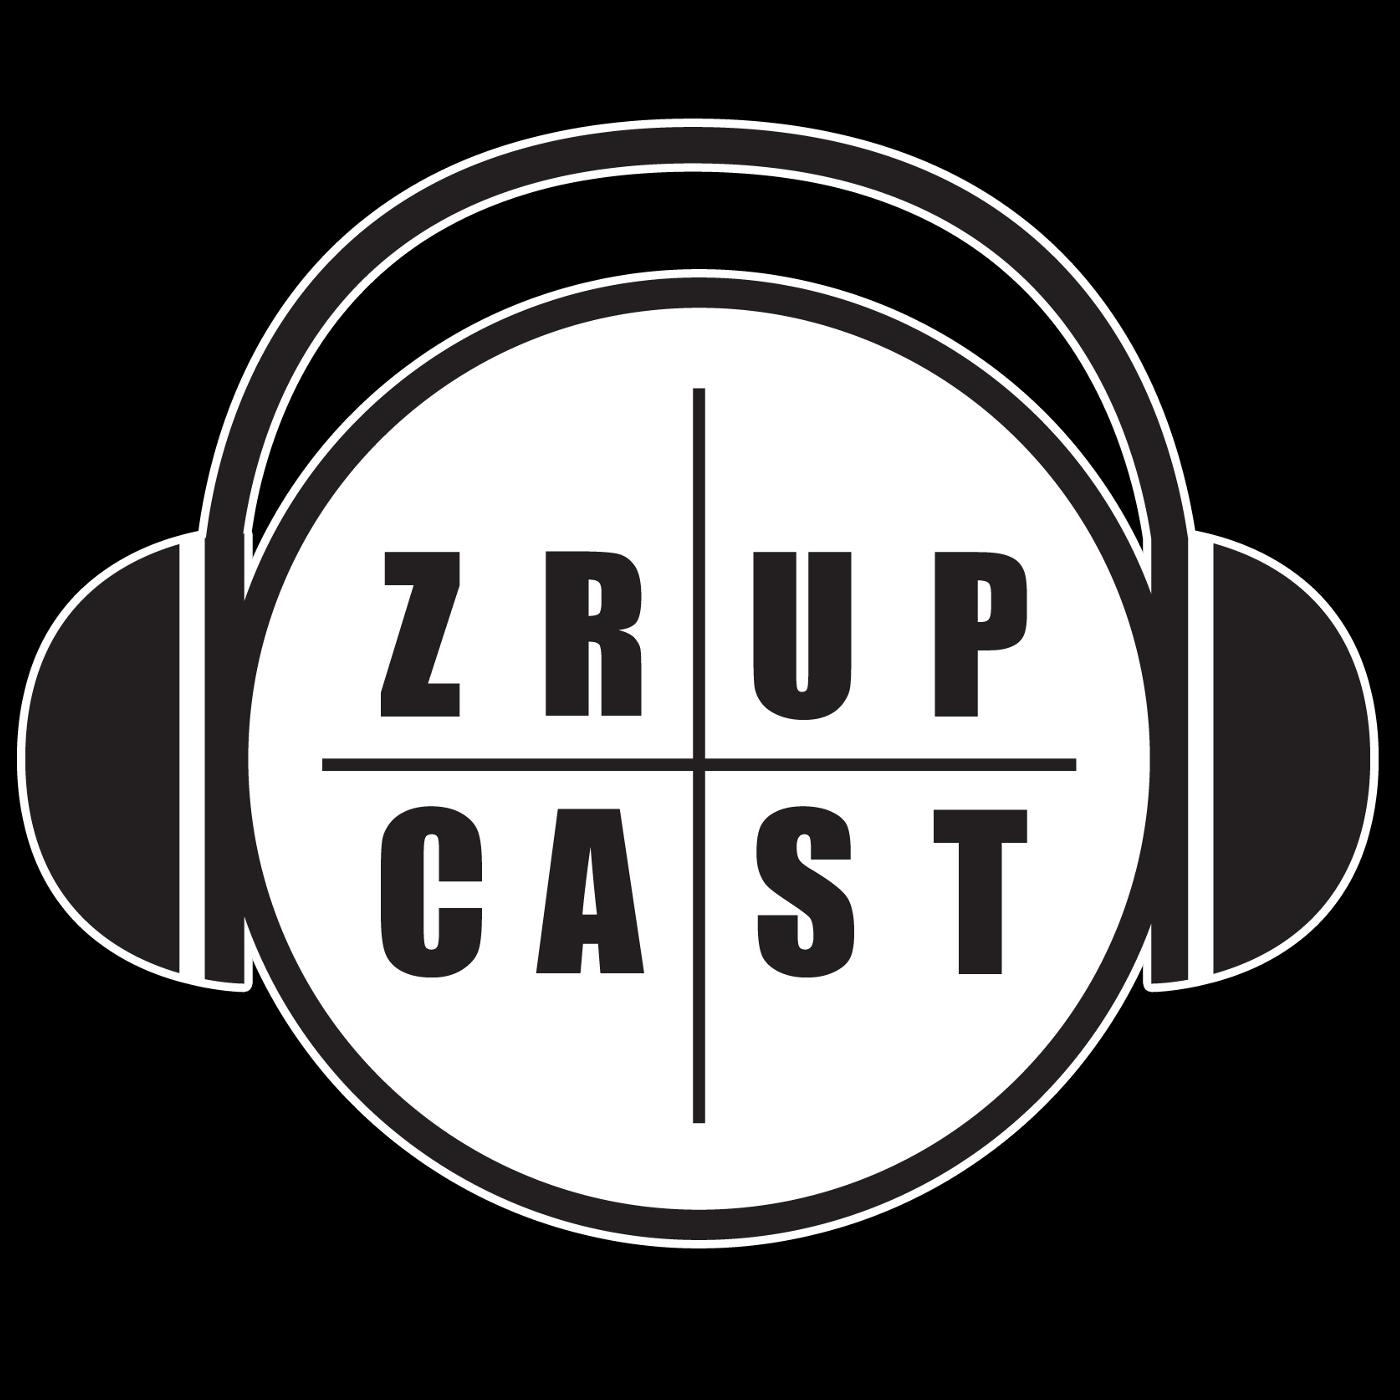 Dlaczego nie pojechałem na The CrossFit Games | Miłosz Staworzyński | ZRUPcast #32